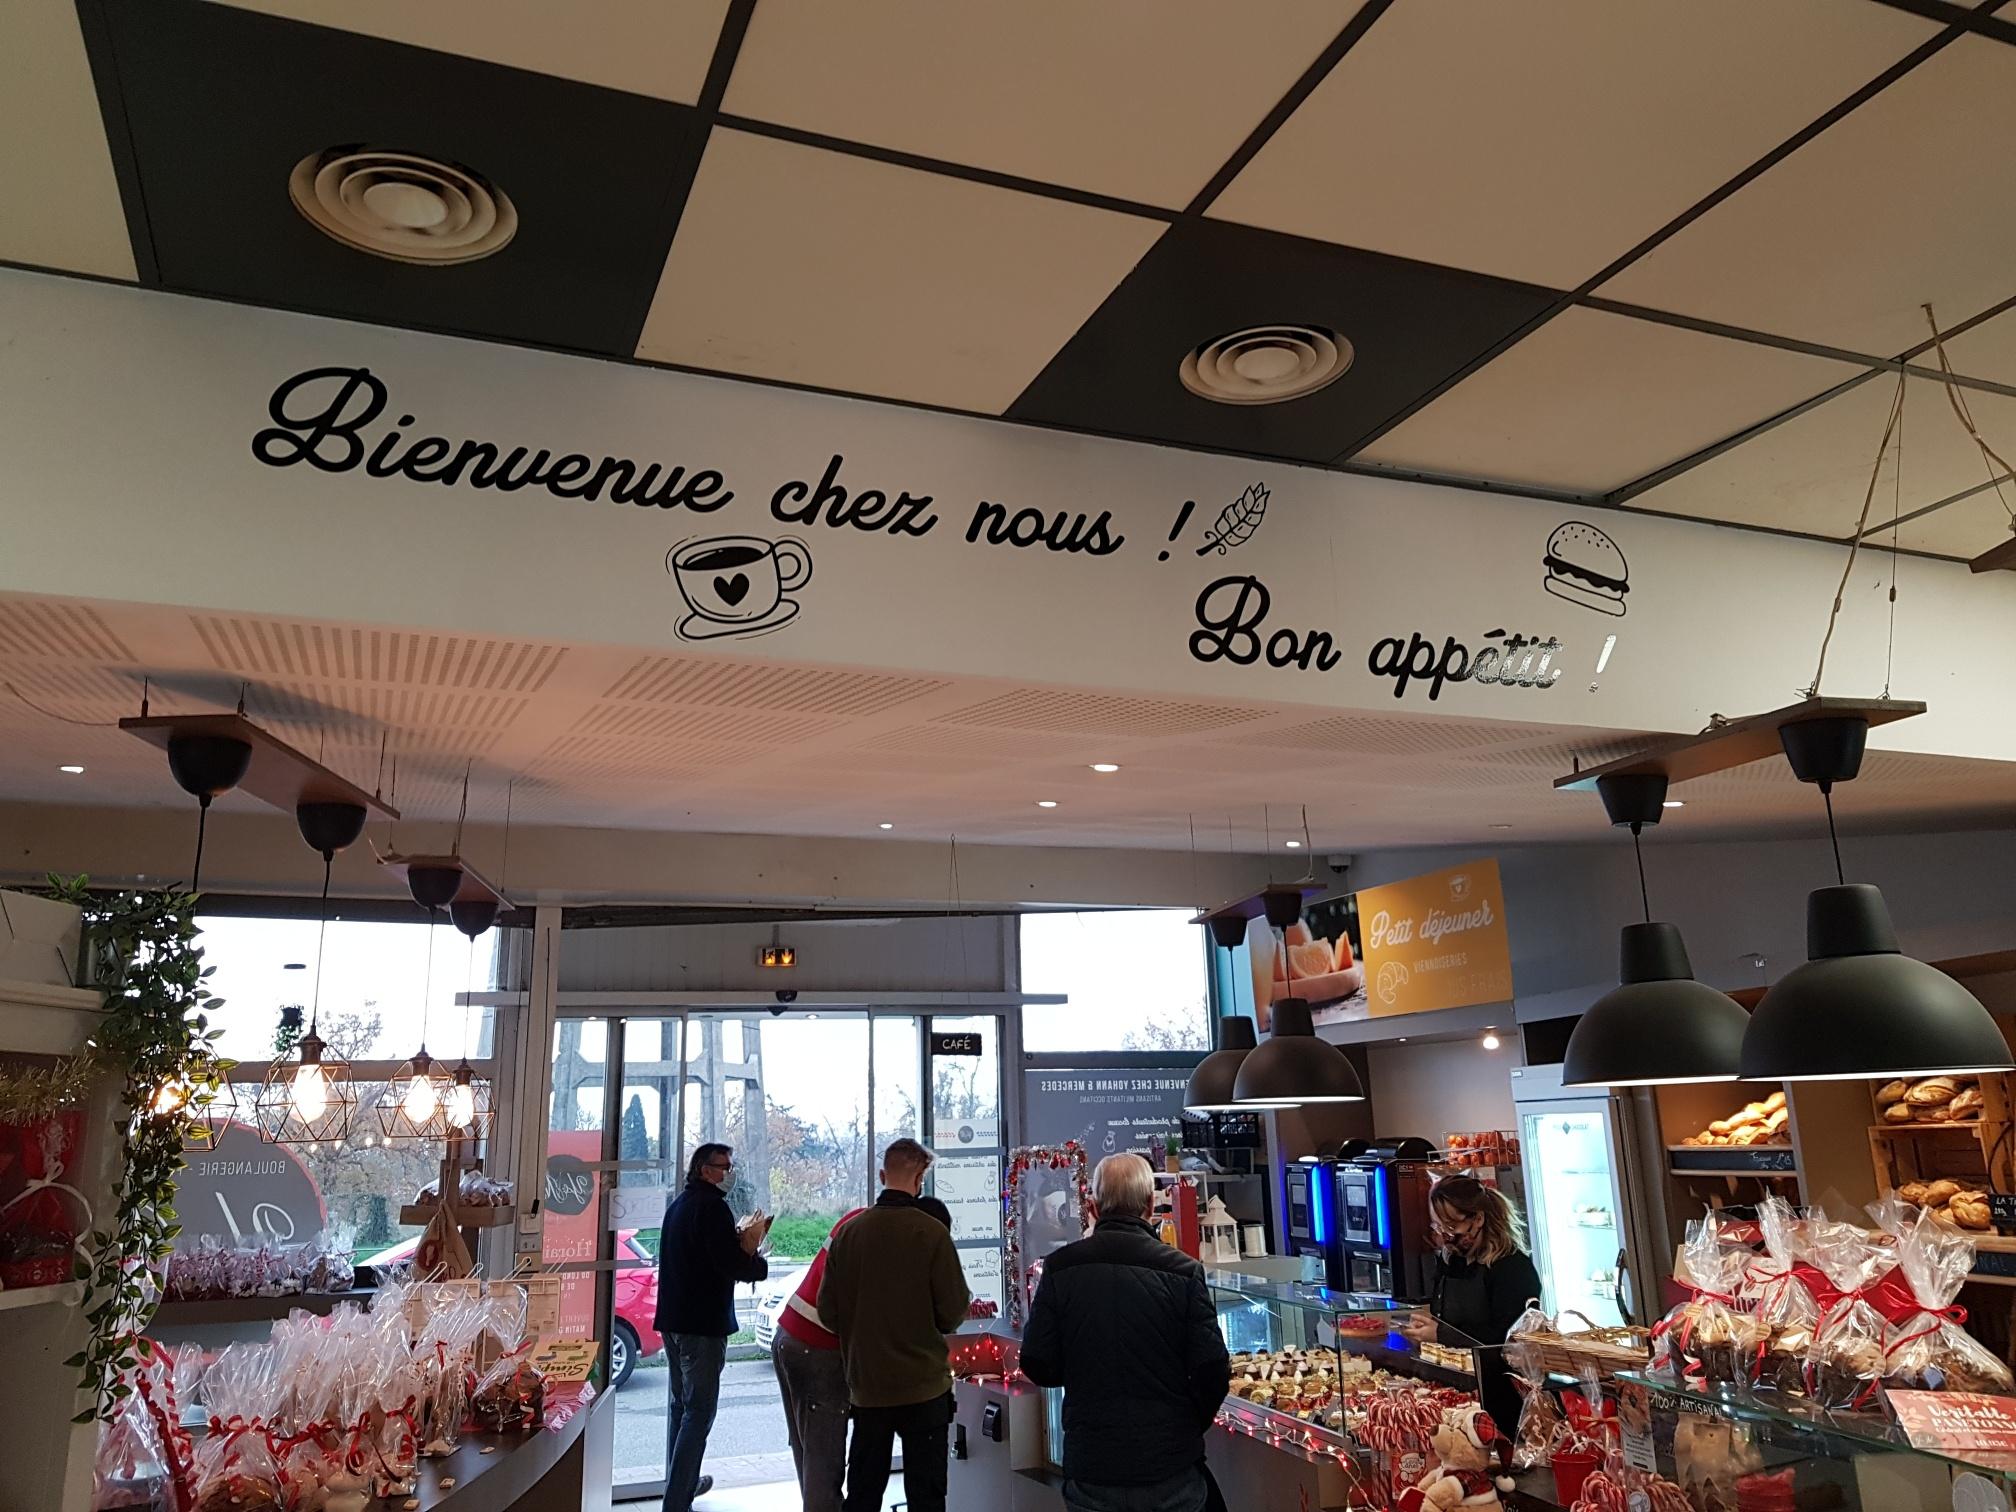 vue boutique boulangerie après